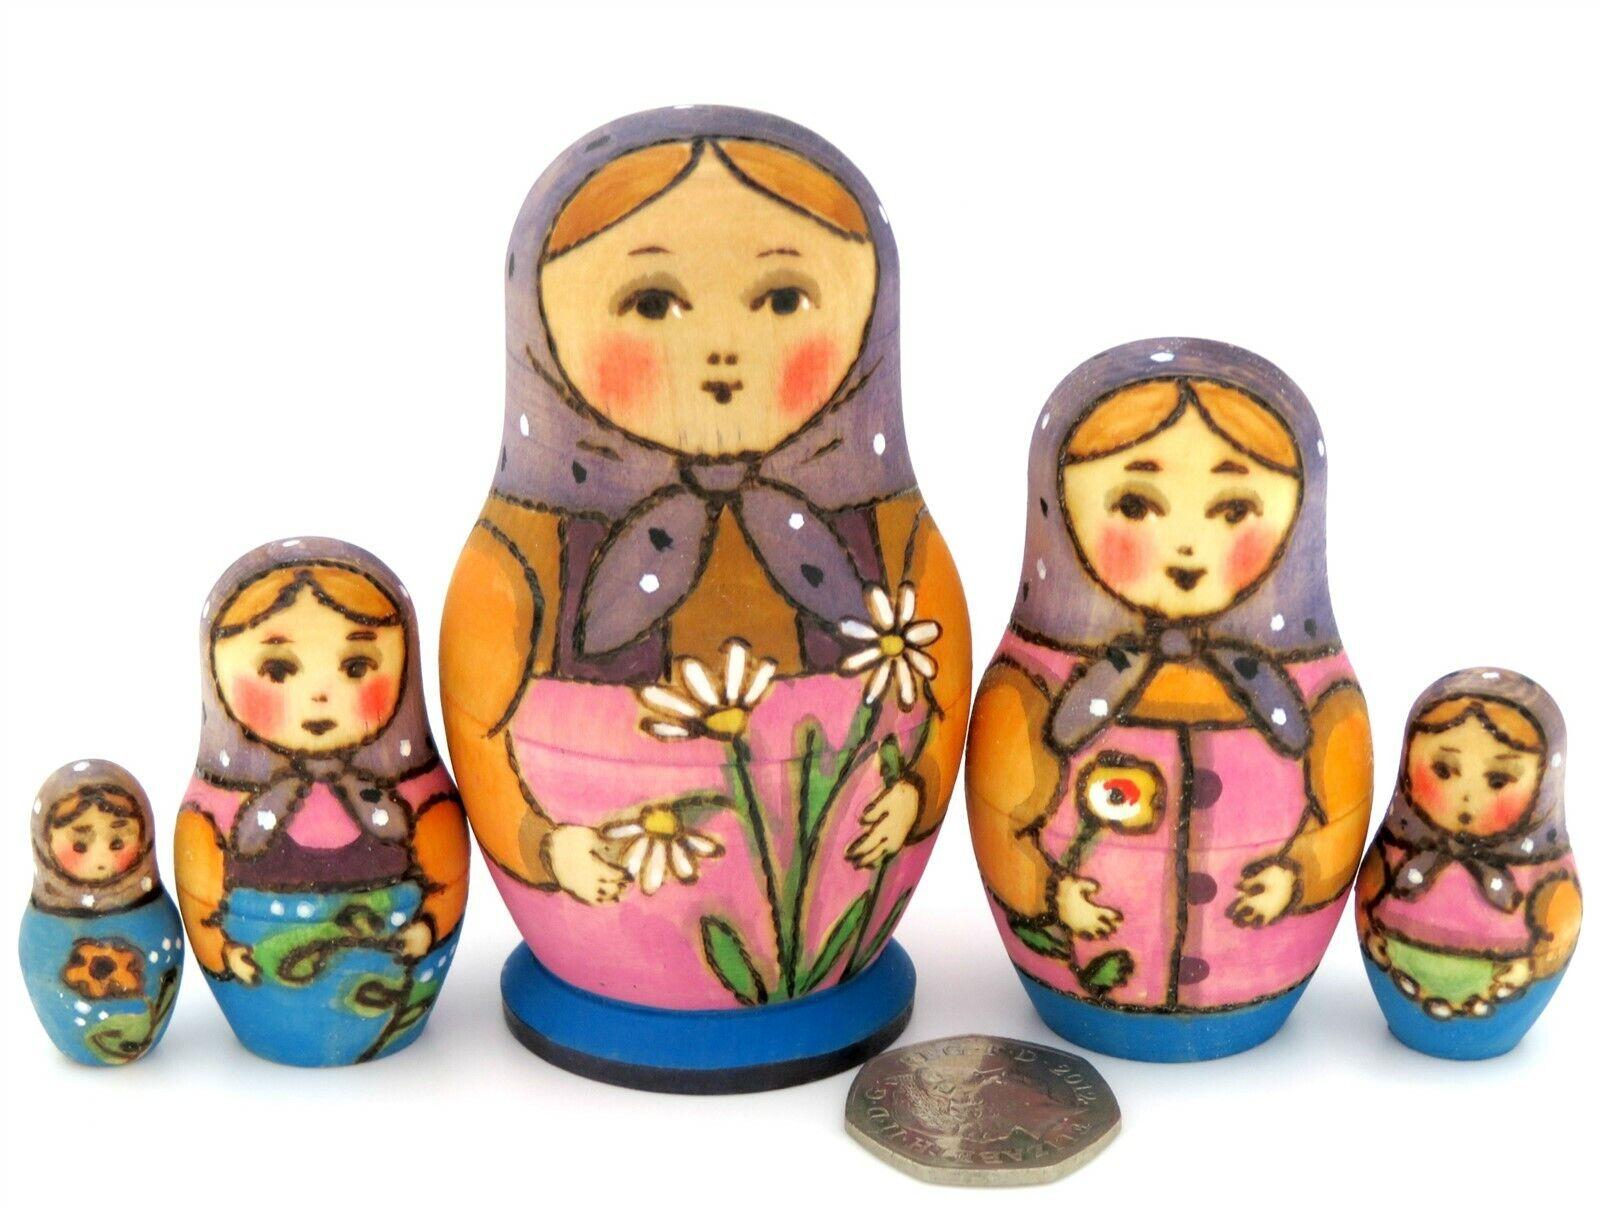 Ryabova Matrioska Russa Babushka Piccolo Nidificazione Bambole 5 a Mano Firmato